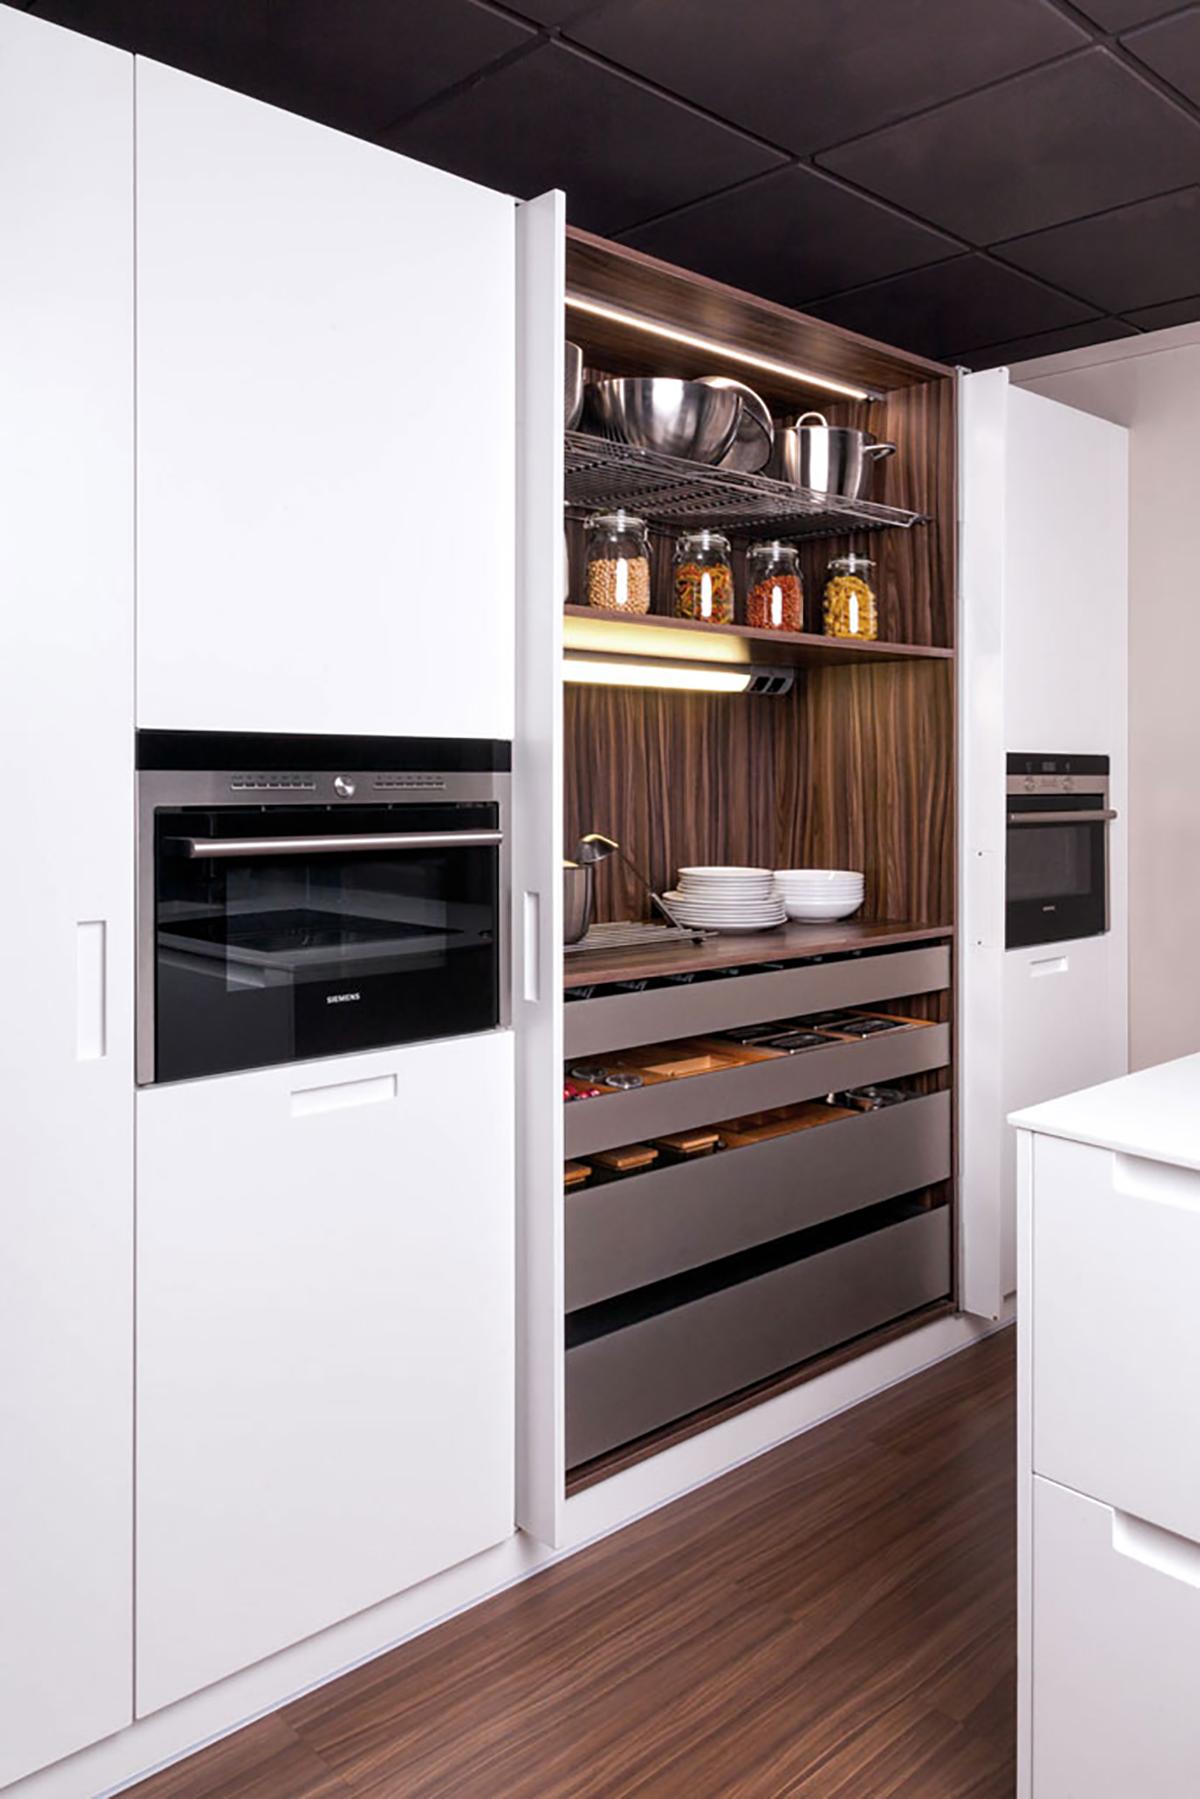 Electrodom sticos en la cocina davinia cocinas y for Electrodomesticos cocinas